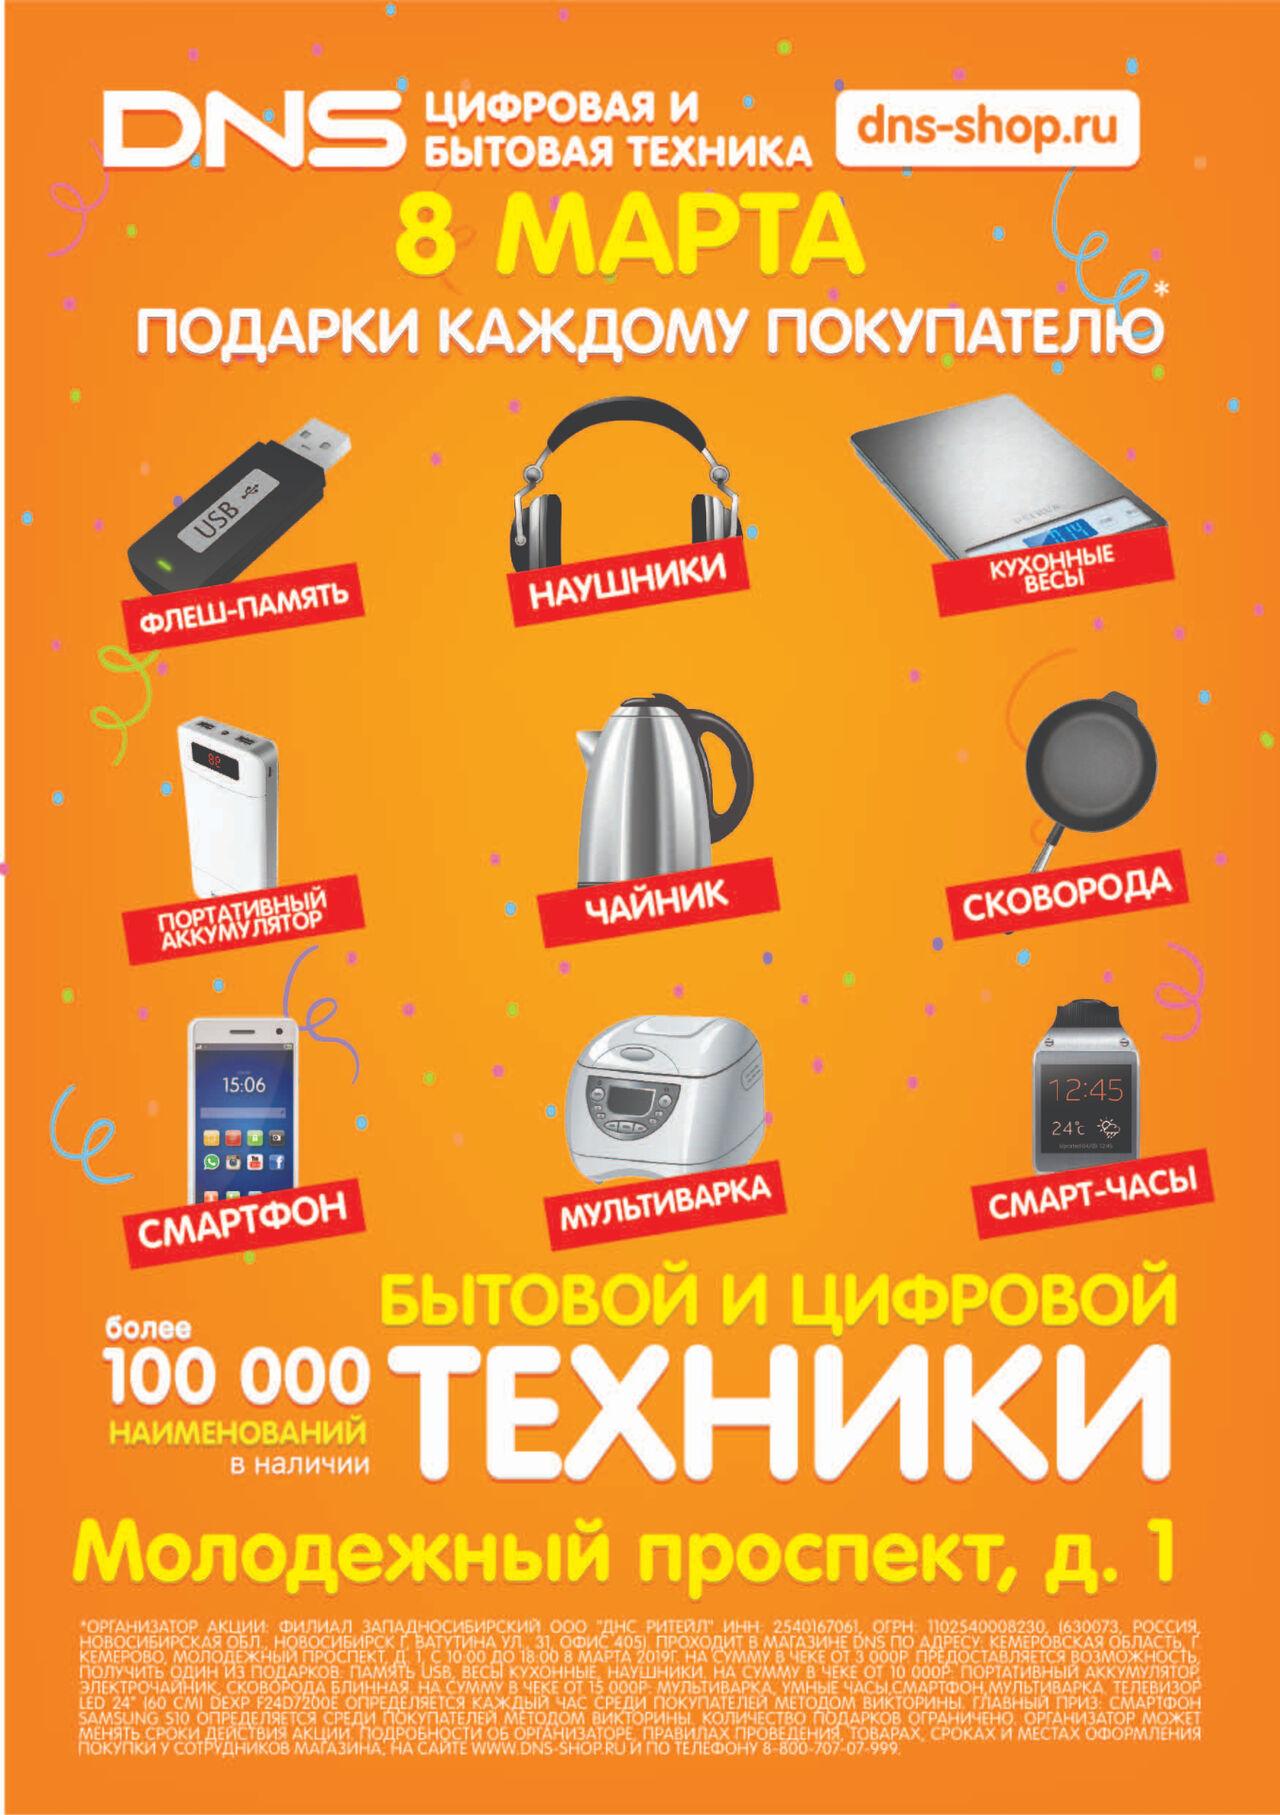 Днс Интернет Магазин Псков Каталог Товаров